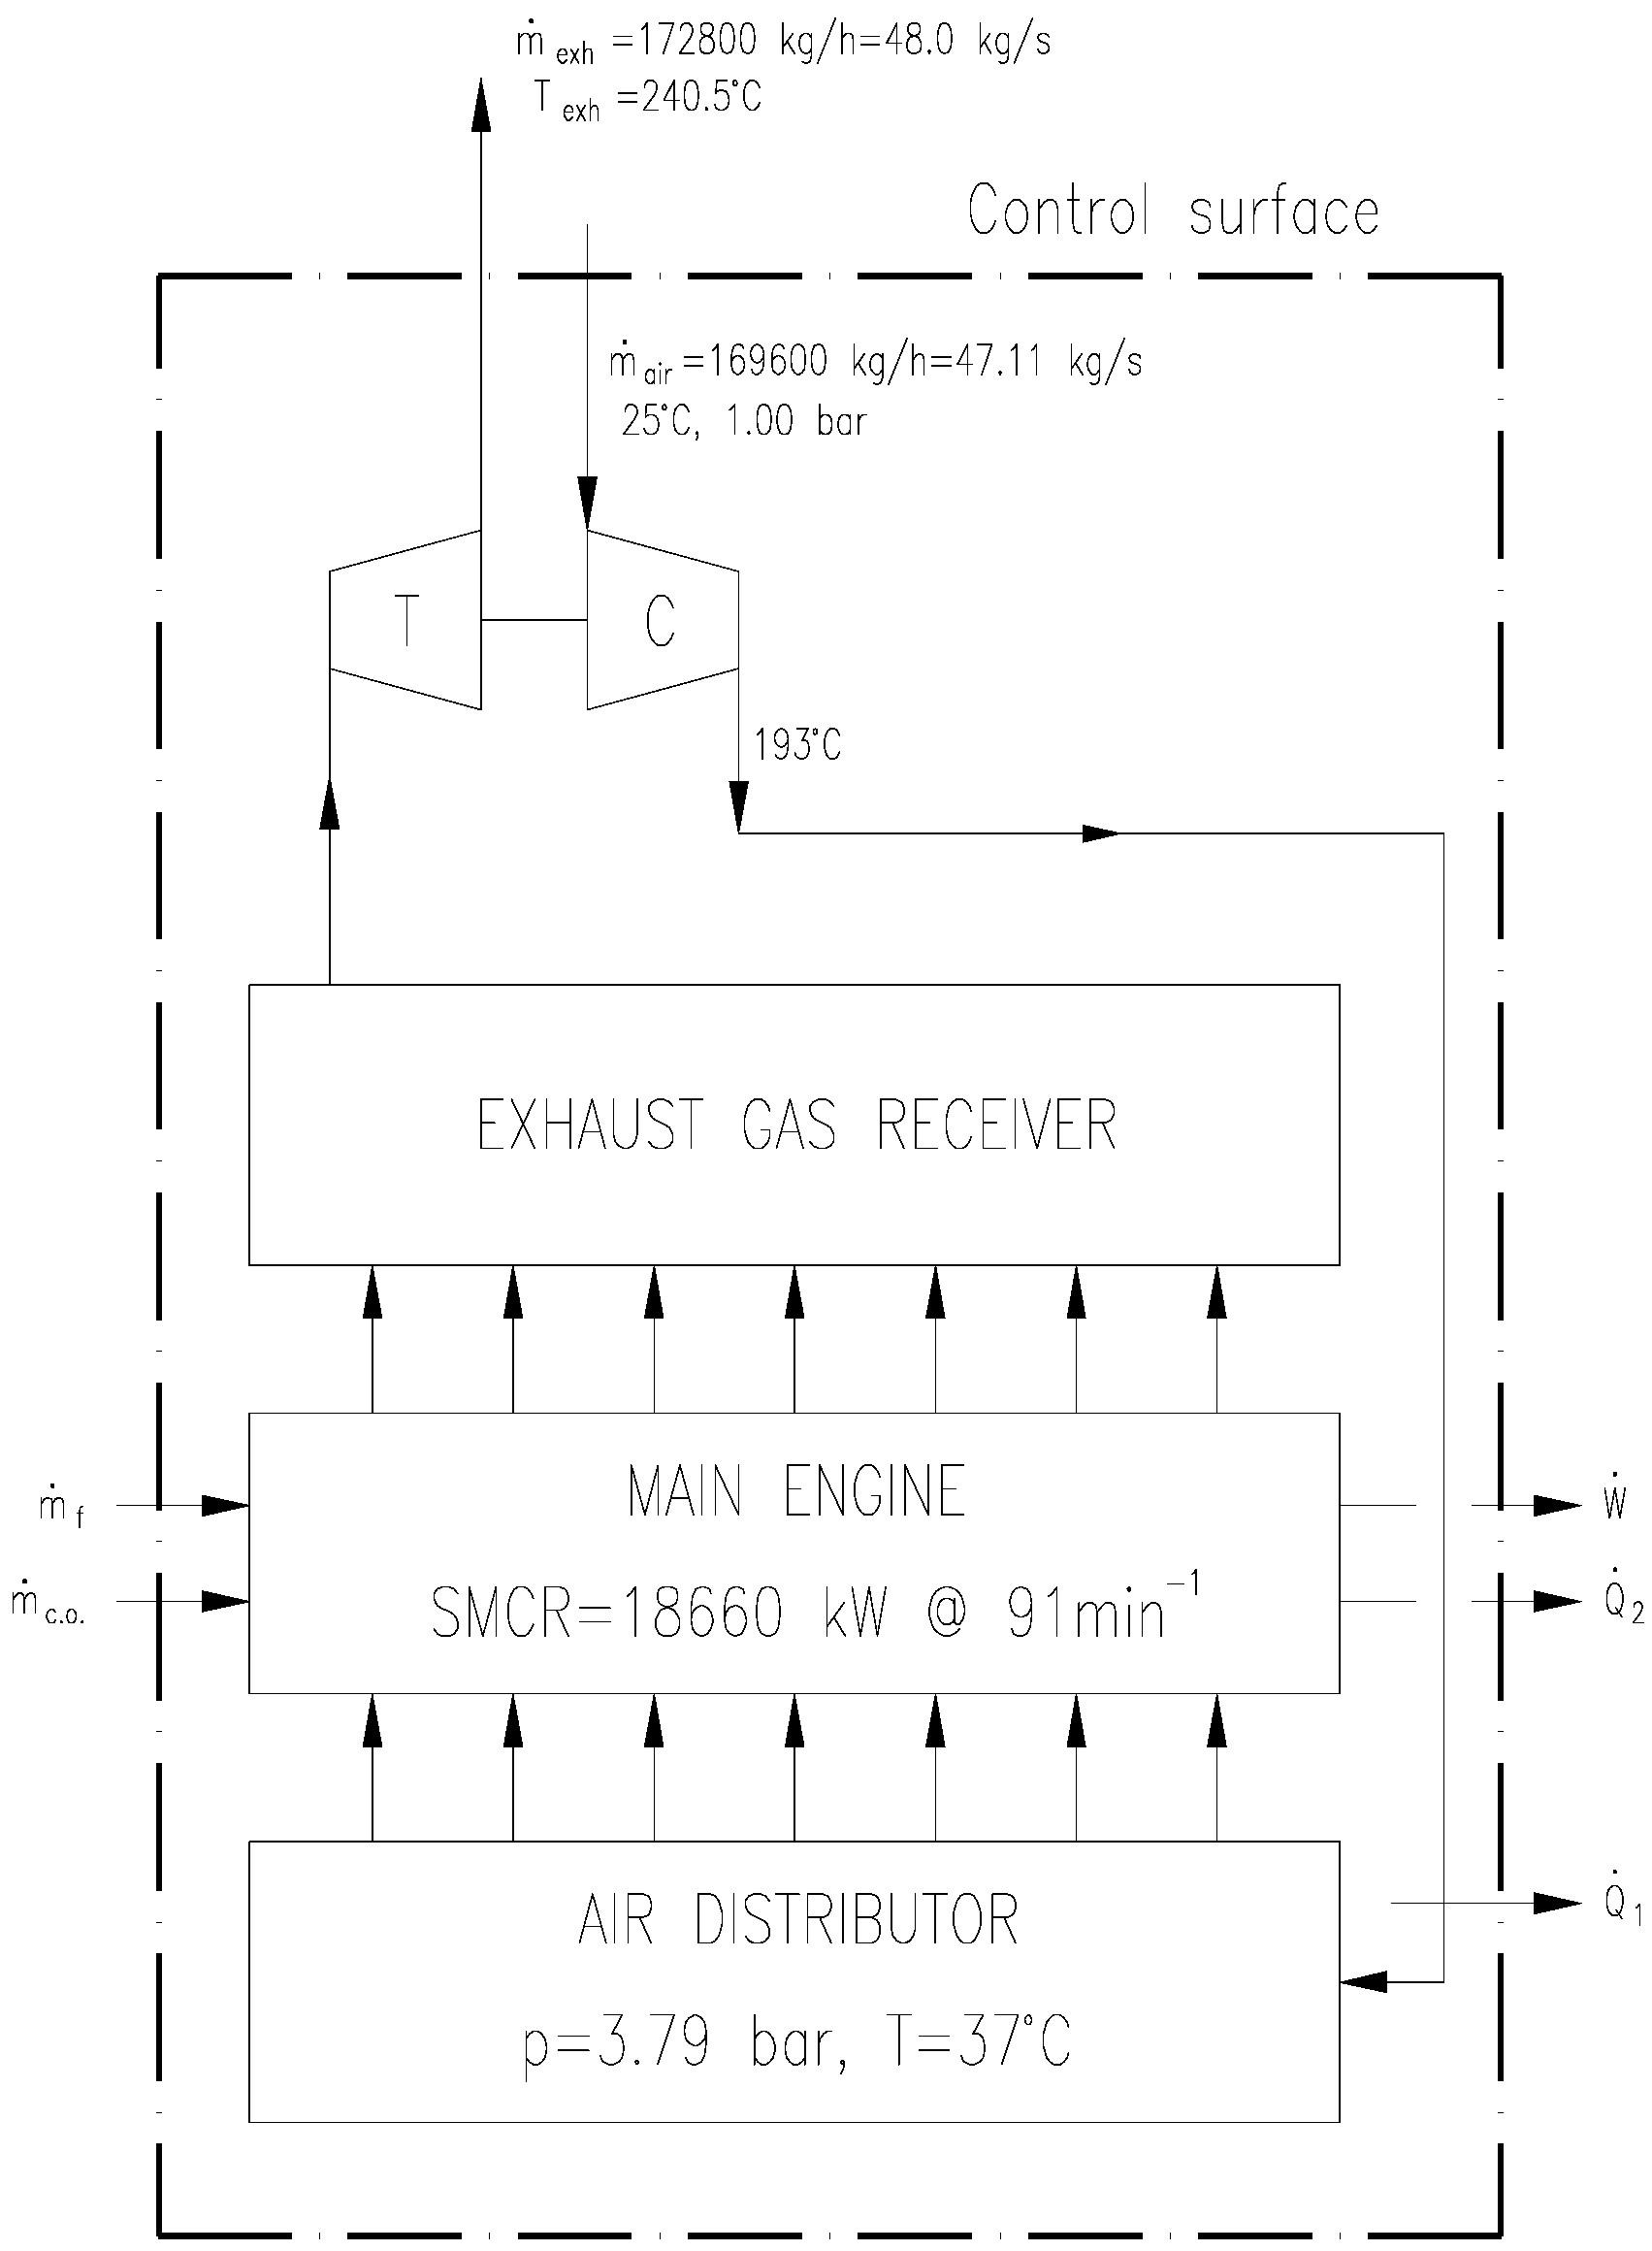 Air Brakes Diagram Energies Free Full Text Of Air Brakes Diagram